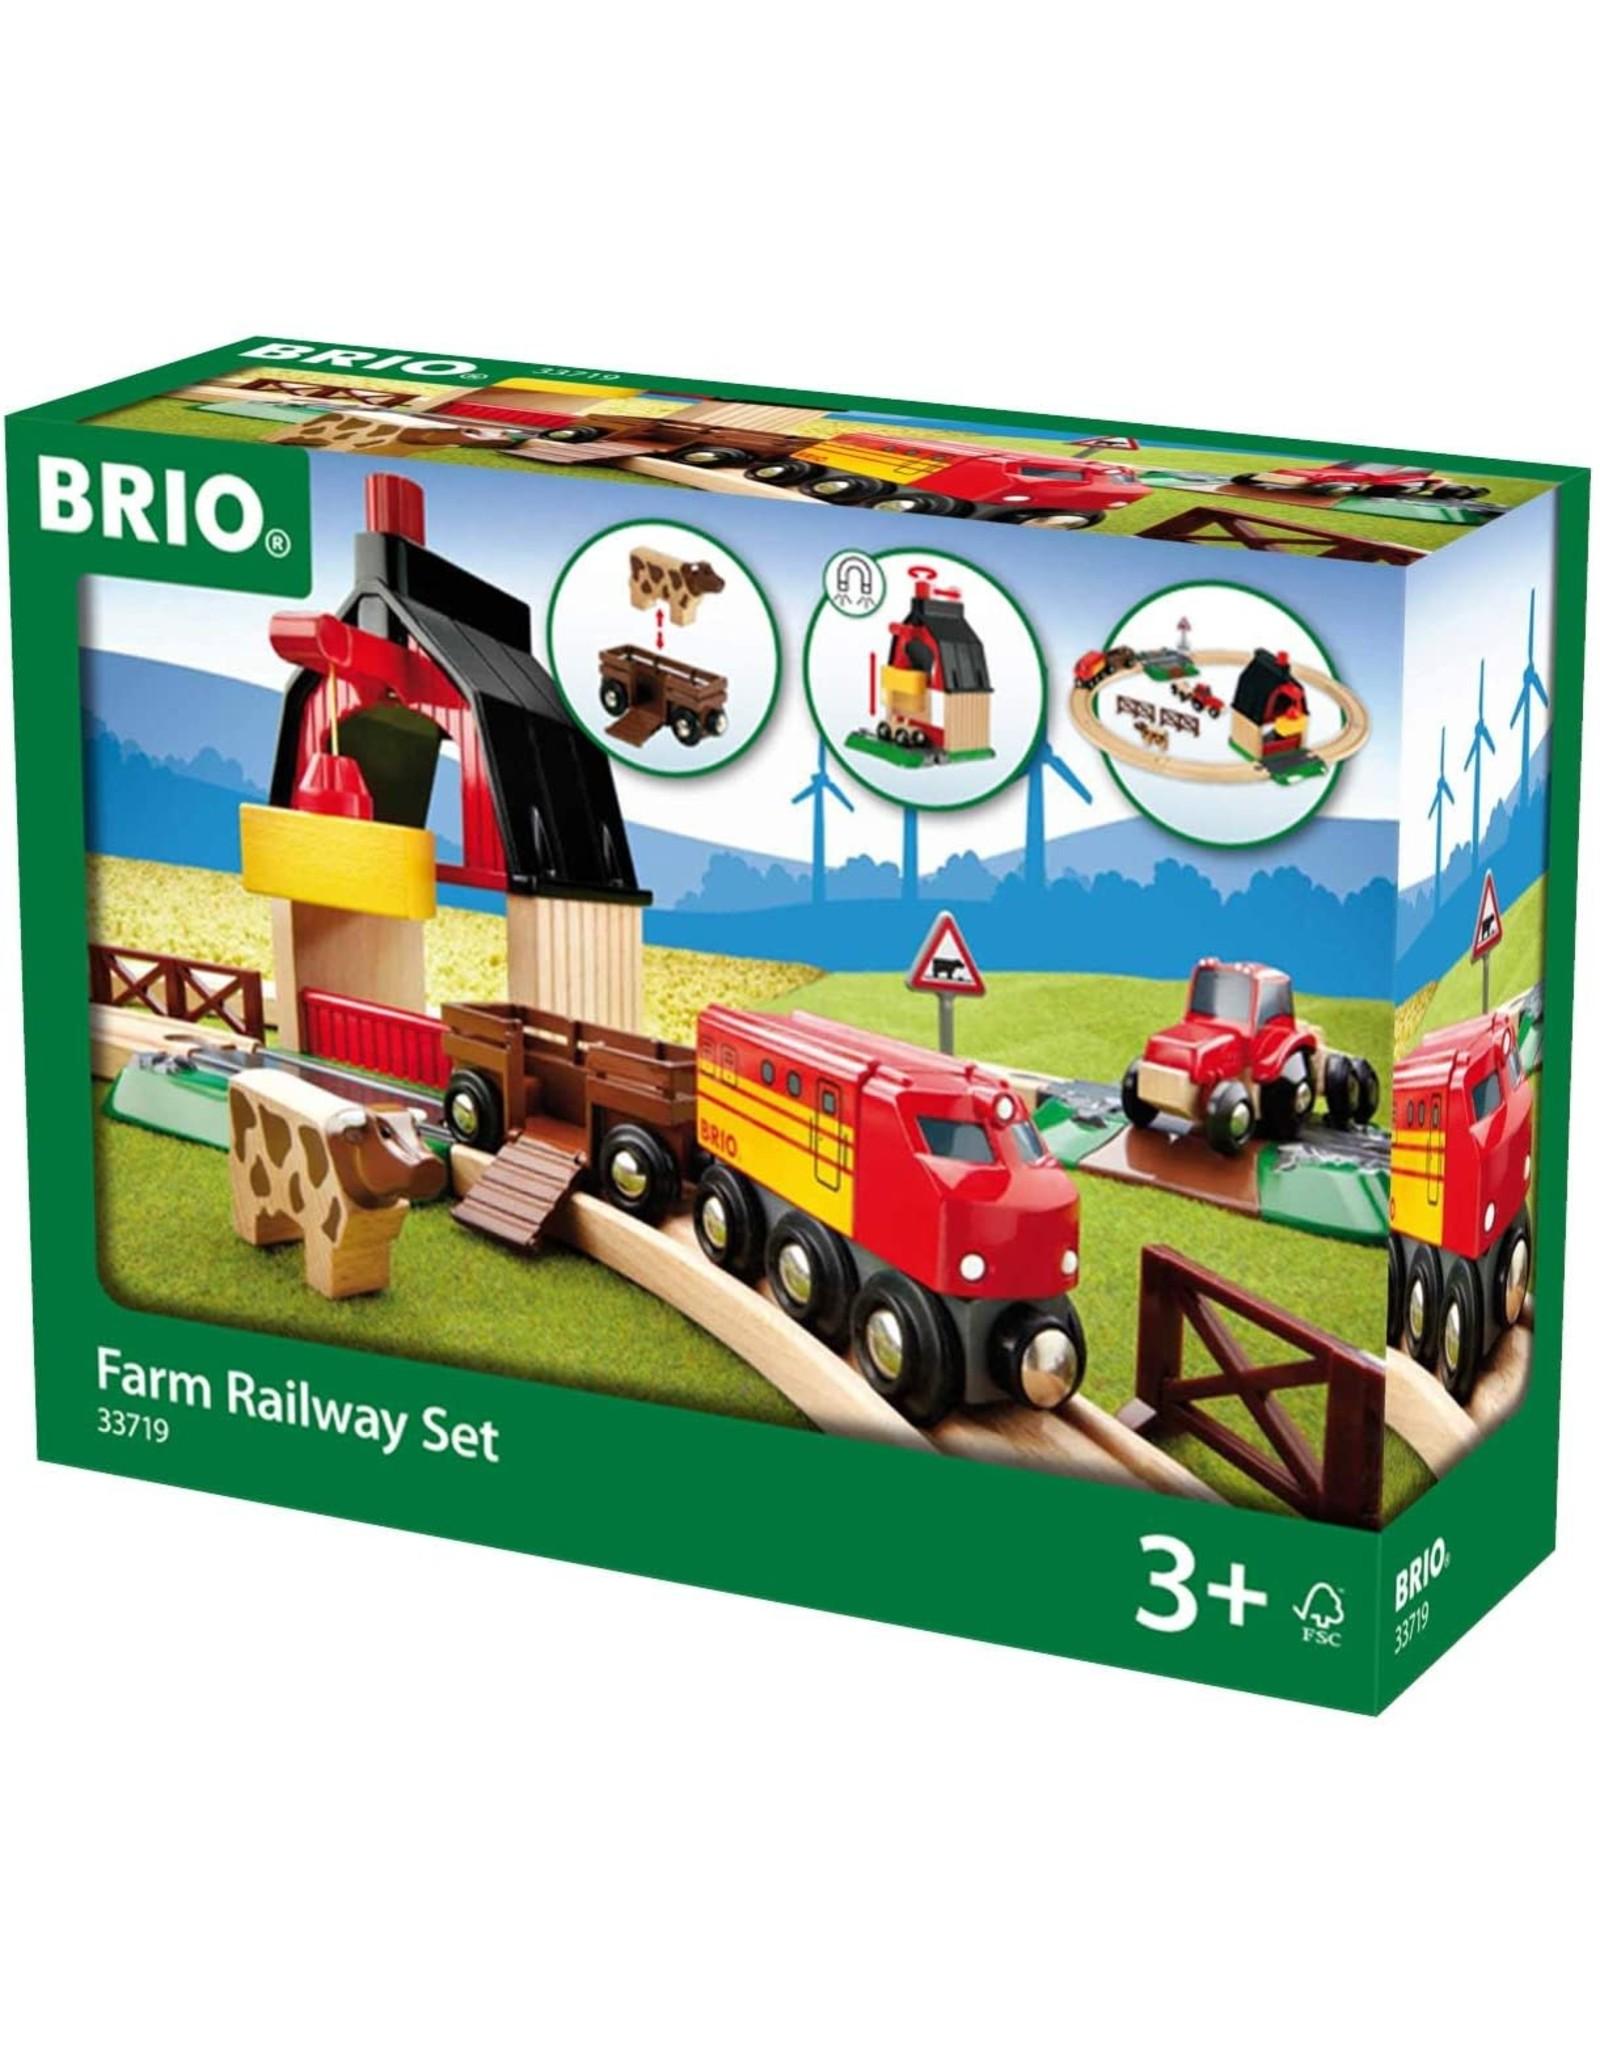 Brio BRIO Farm Railway Set